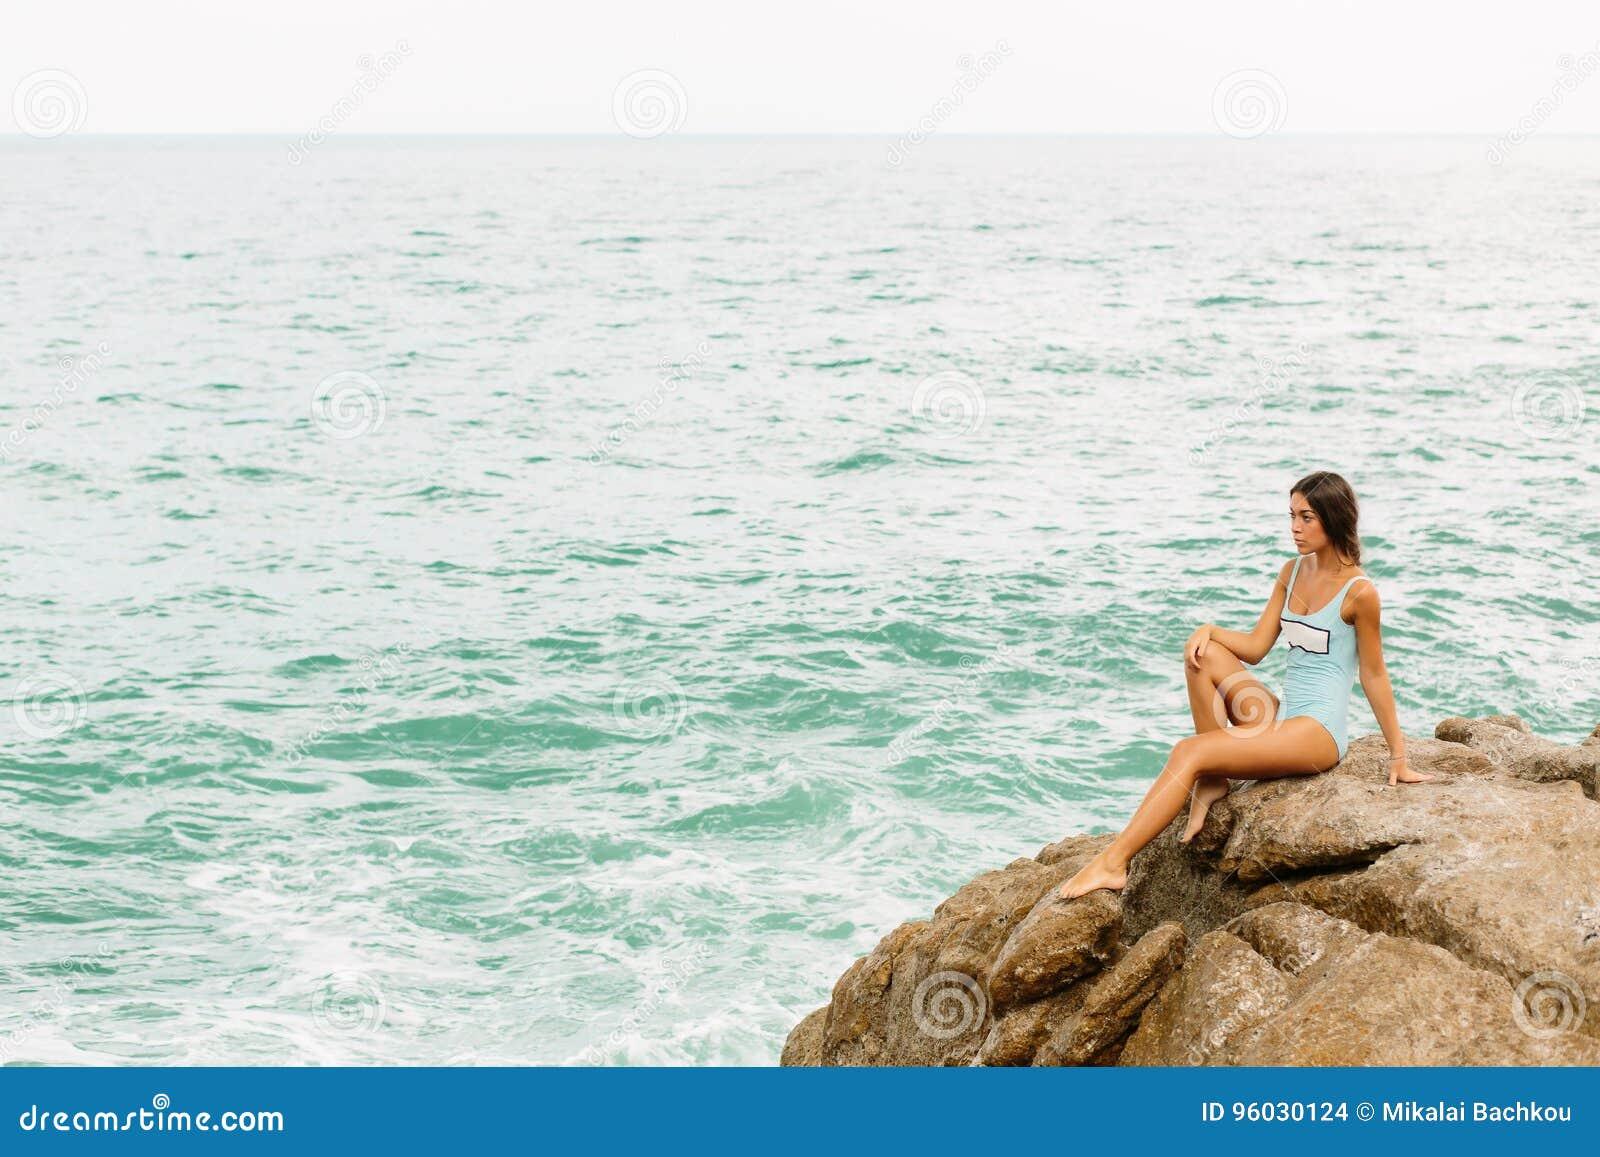 Piękna dziewczyna w błękitnym swimsuit siedzi na dużym kamieniu